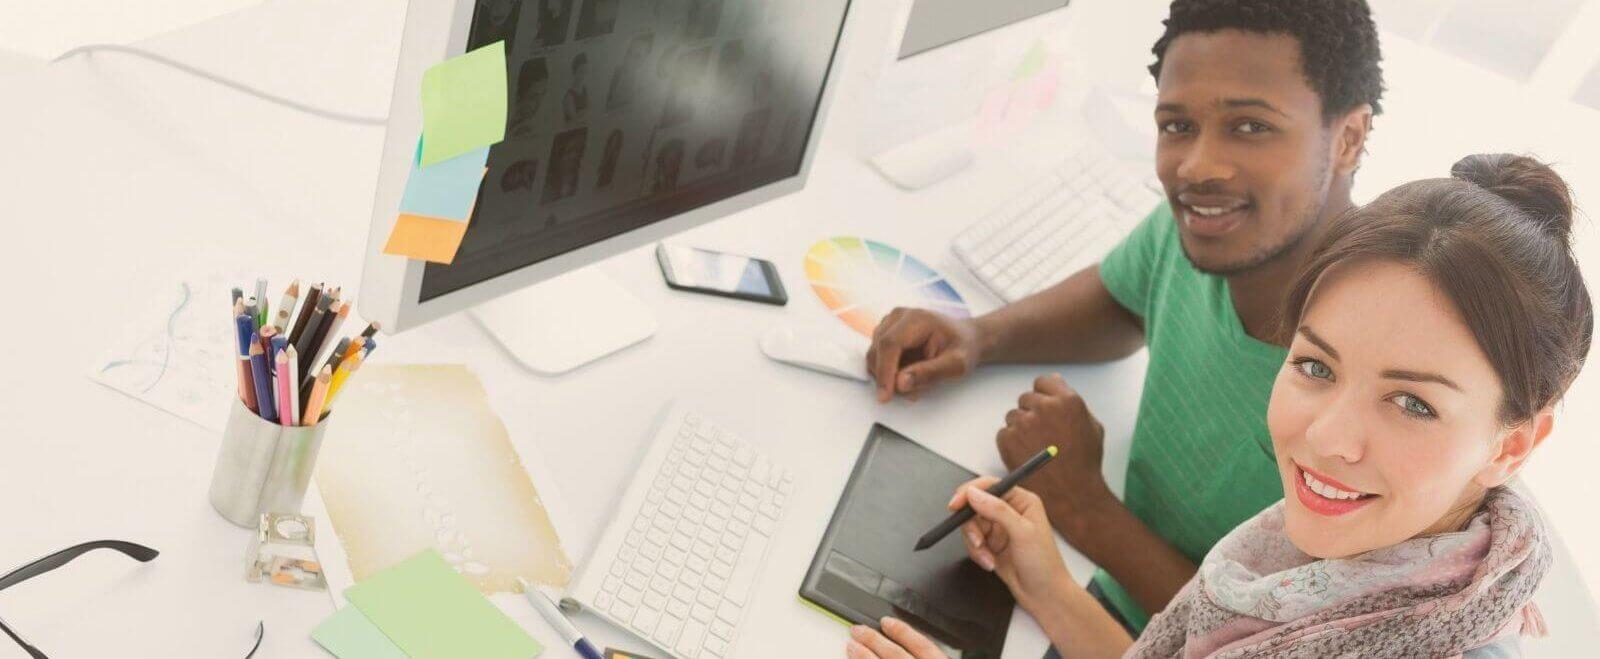 Chancen der Digitalisierung ergreifen